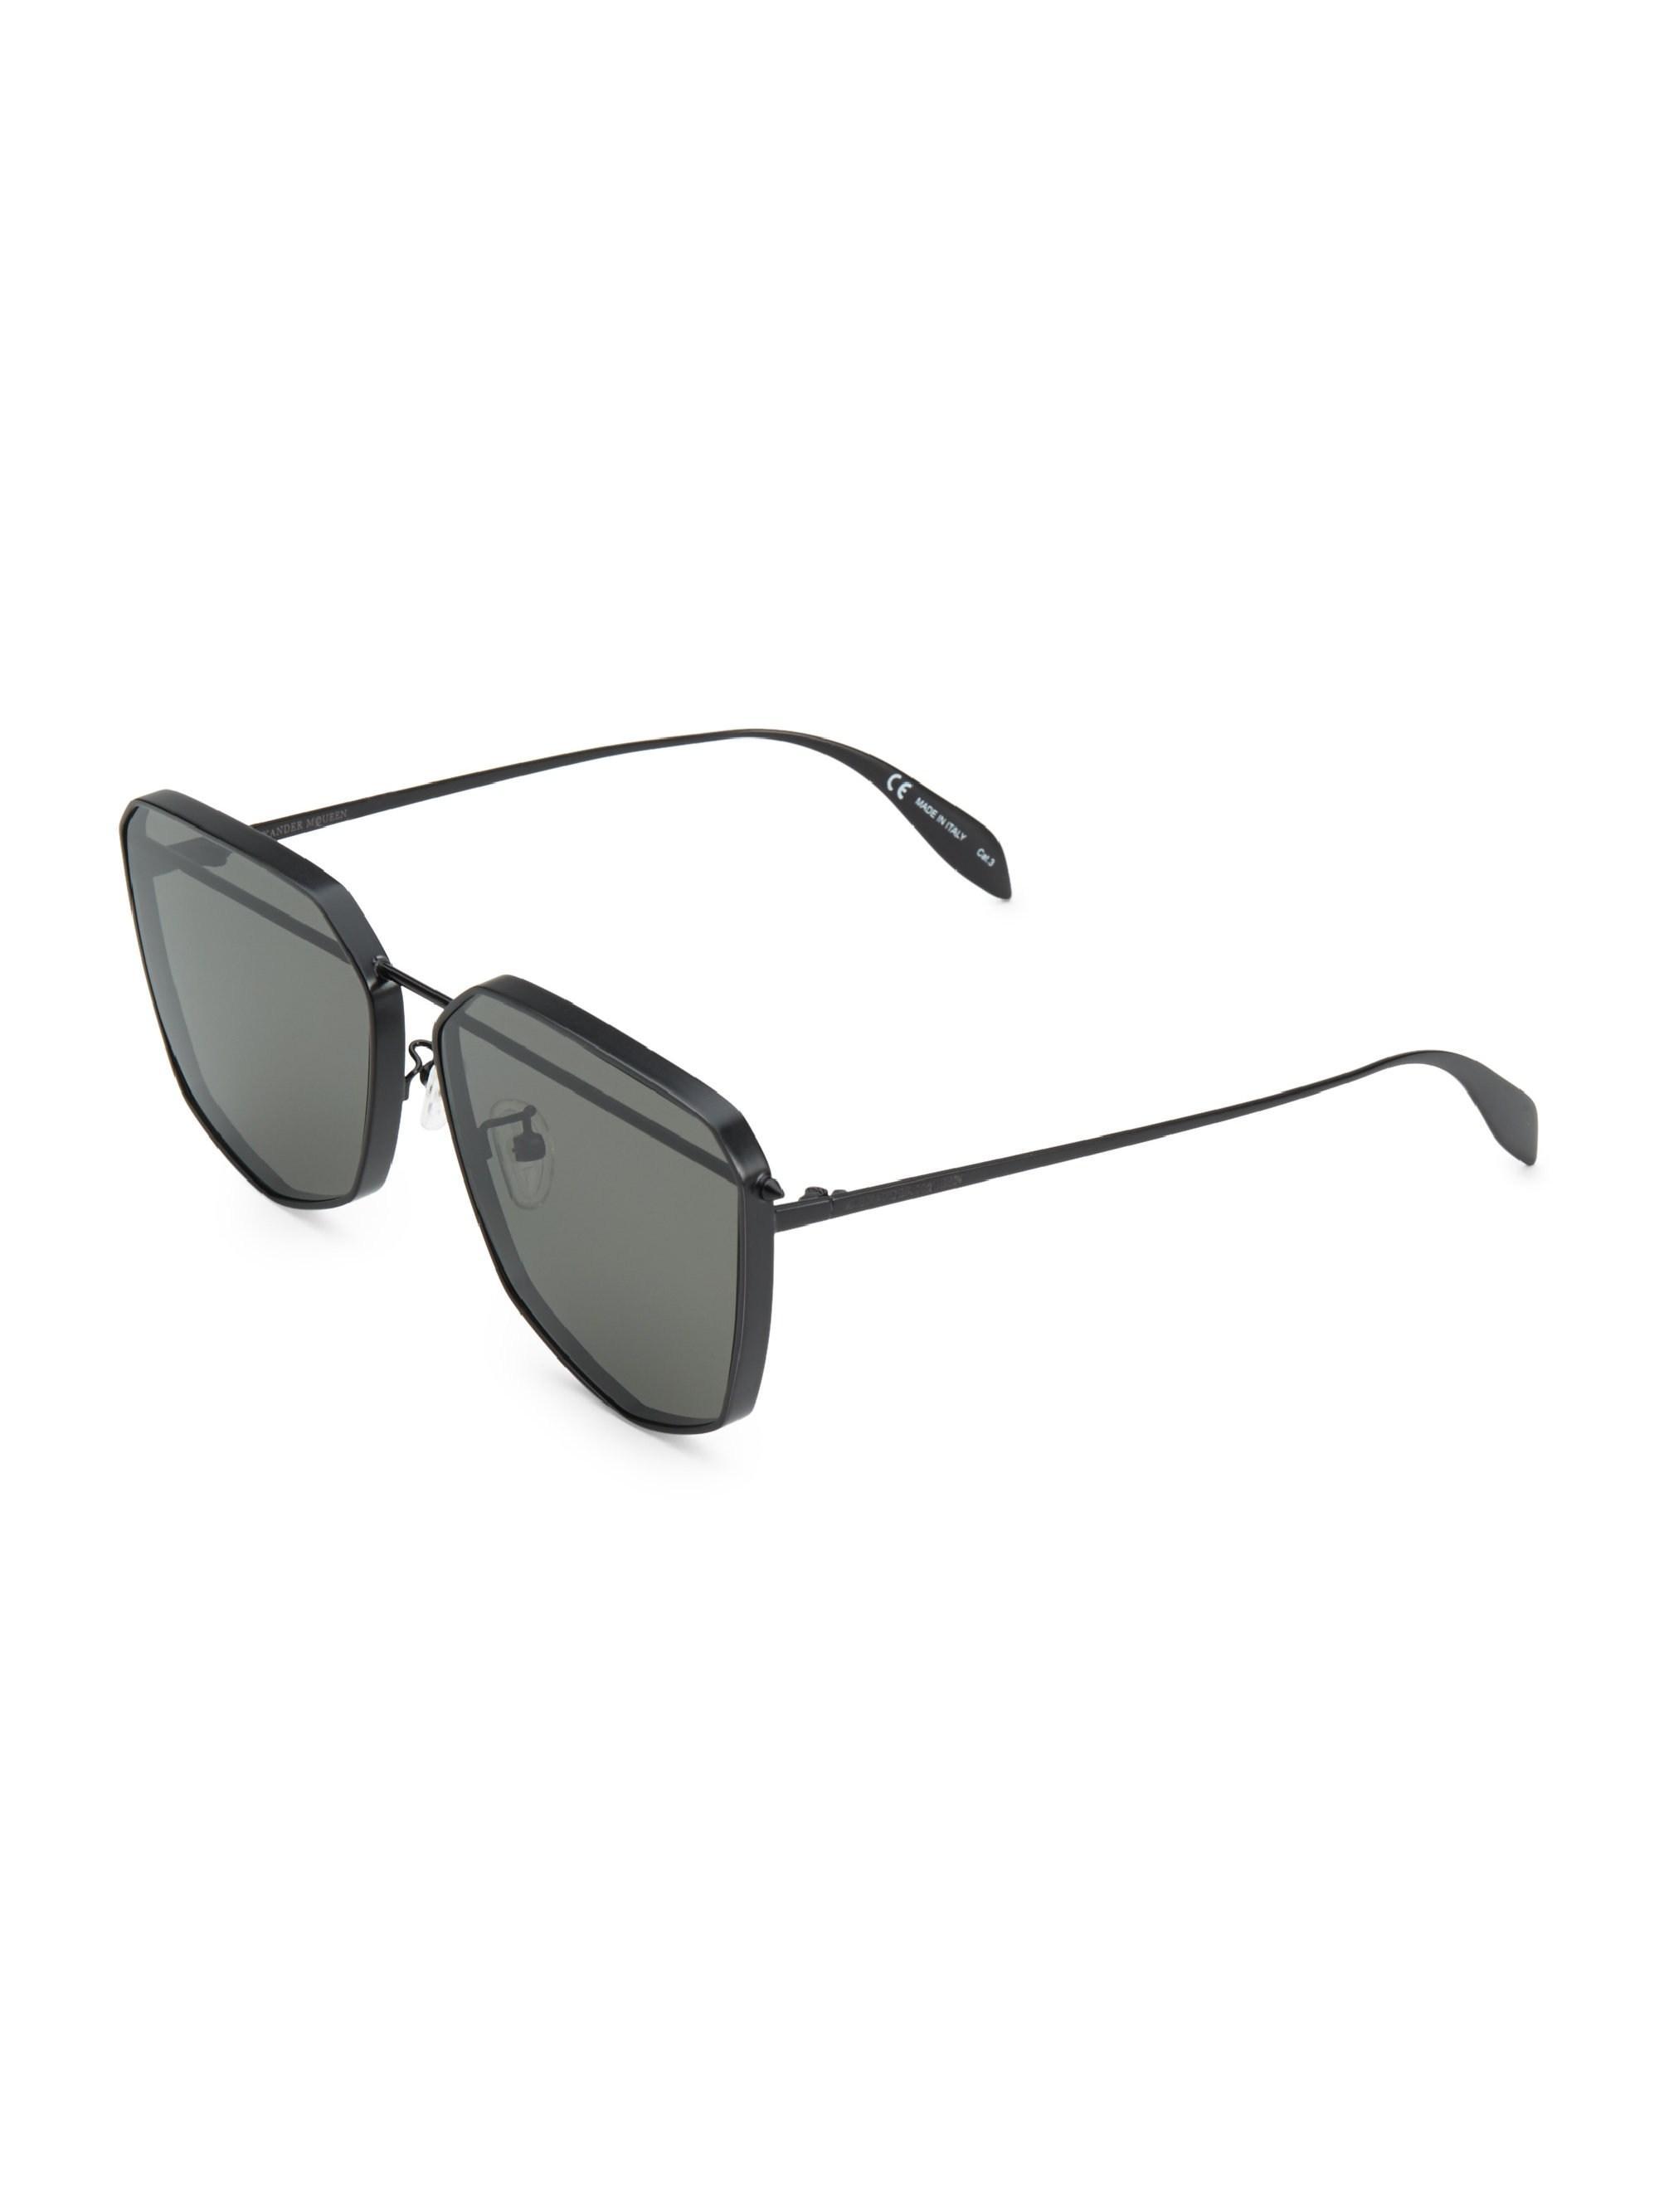 068b2e06981e Alexander McQueen - Men s 61mm Black Geometric Sunglasses - Black for Men -  Lyst. View fullscreen